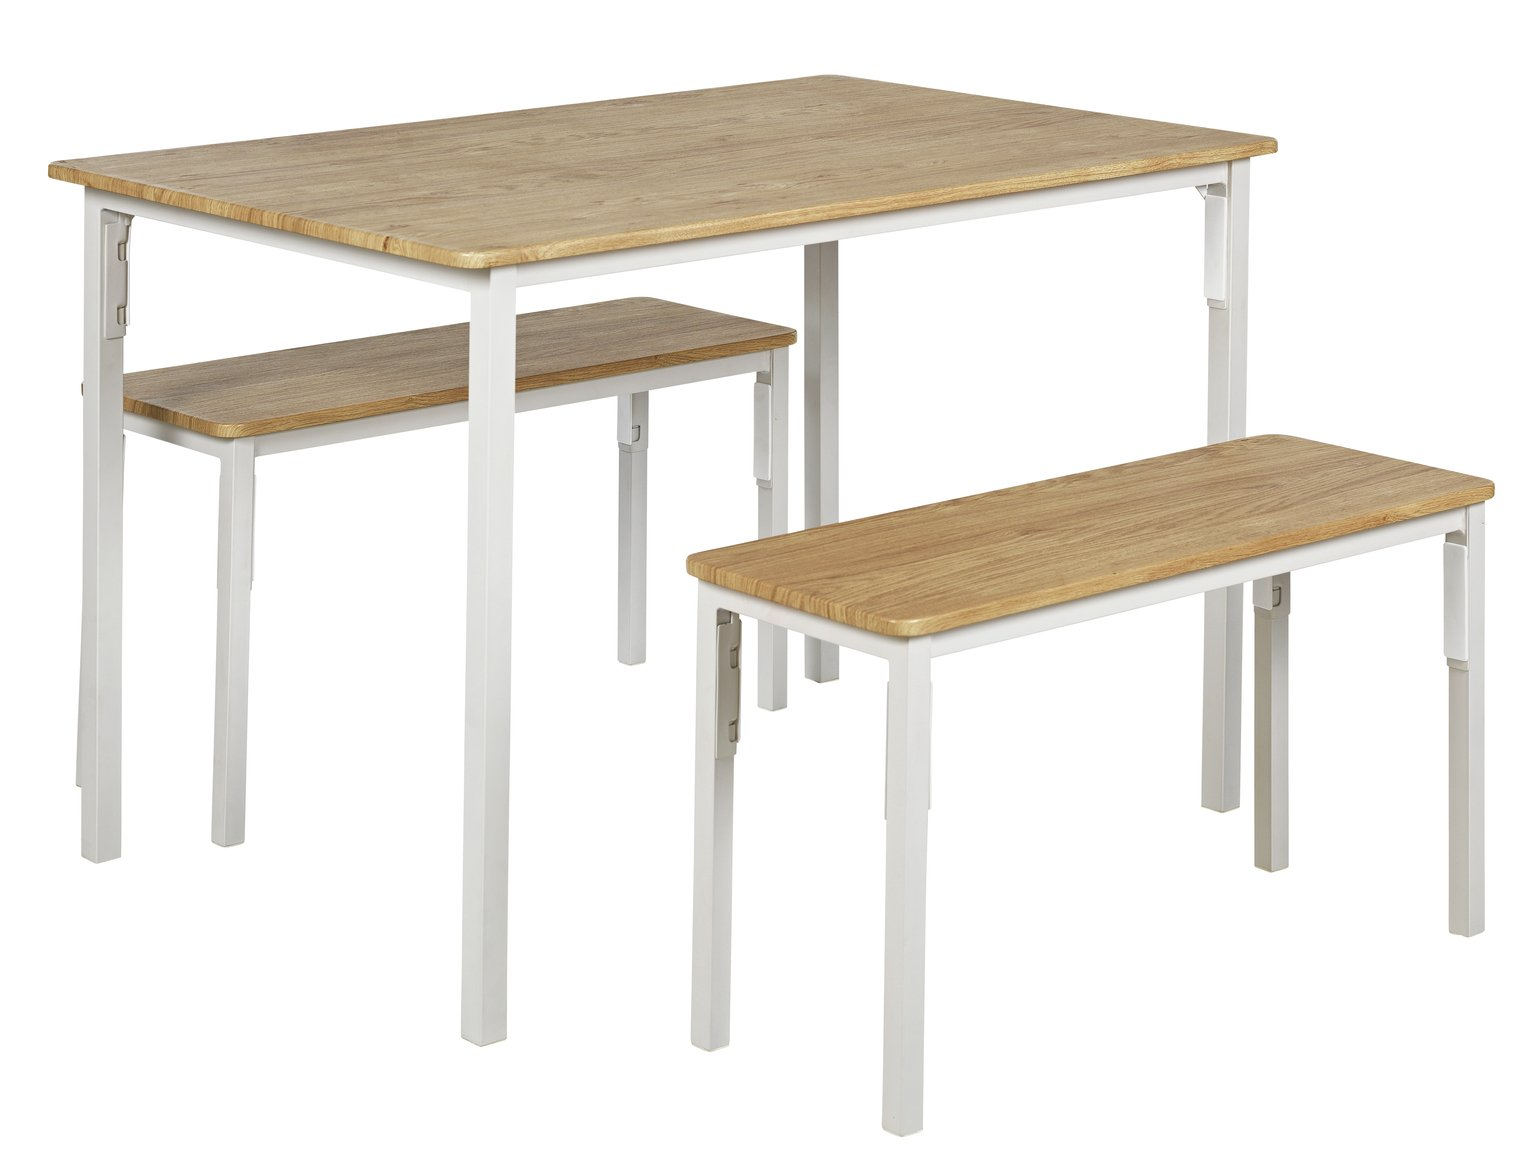 Argos Home Bolitzo Table & Bench Set - Oak & White